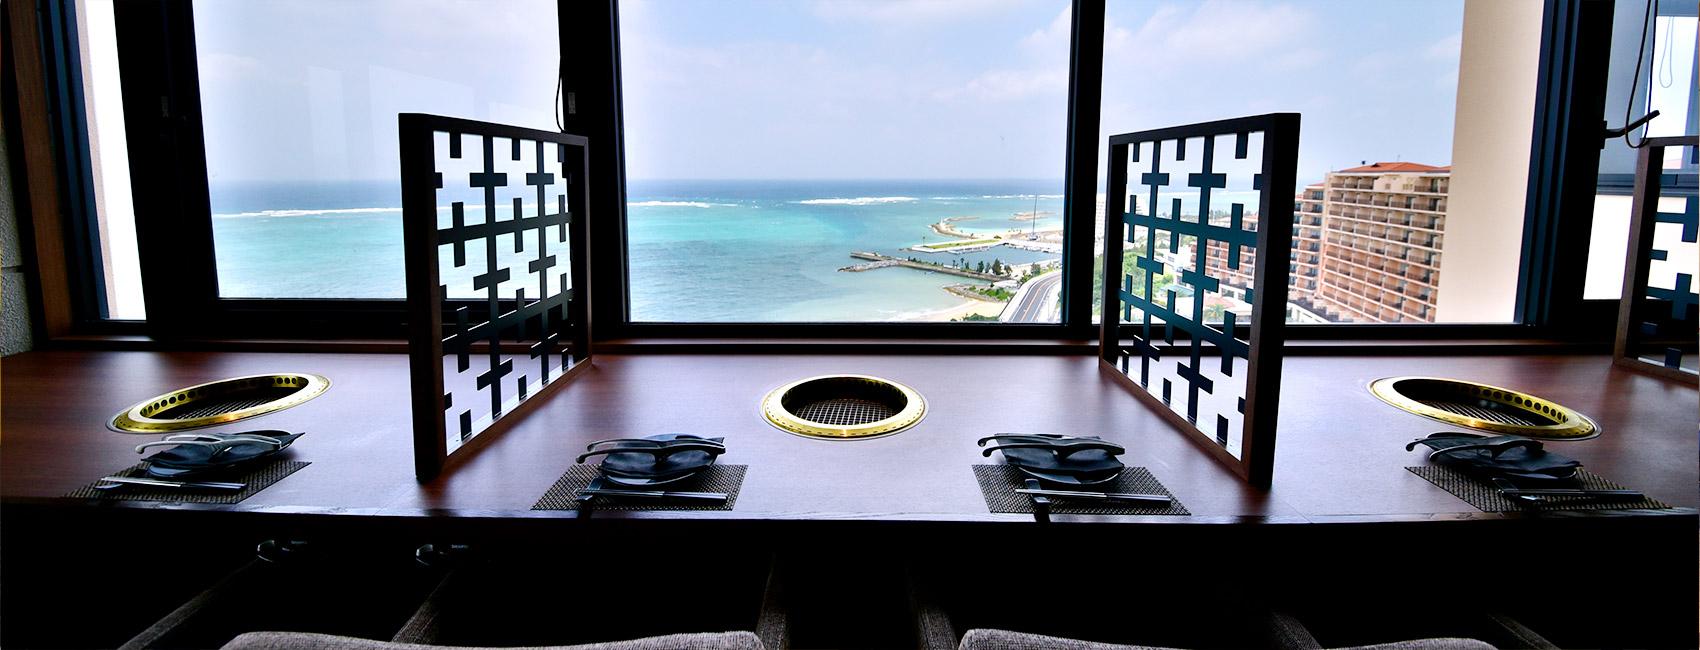 琉球 BBQ Blue カフー リゾート フチャク コンド・ホテル 恩納村 ホテルランチ おすすめ 昼食 旅行 観光 沖縄